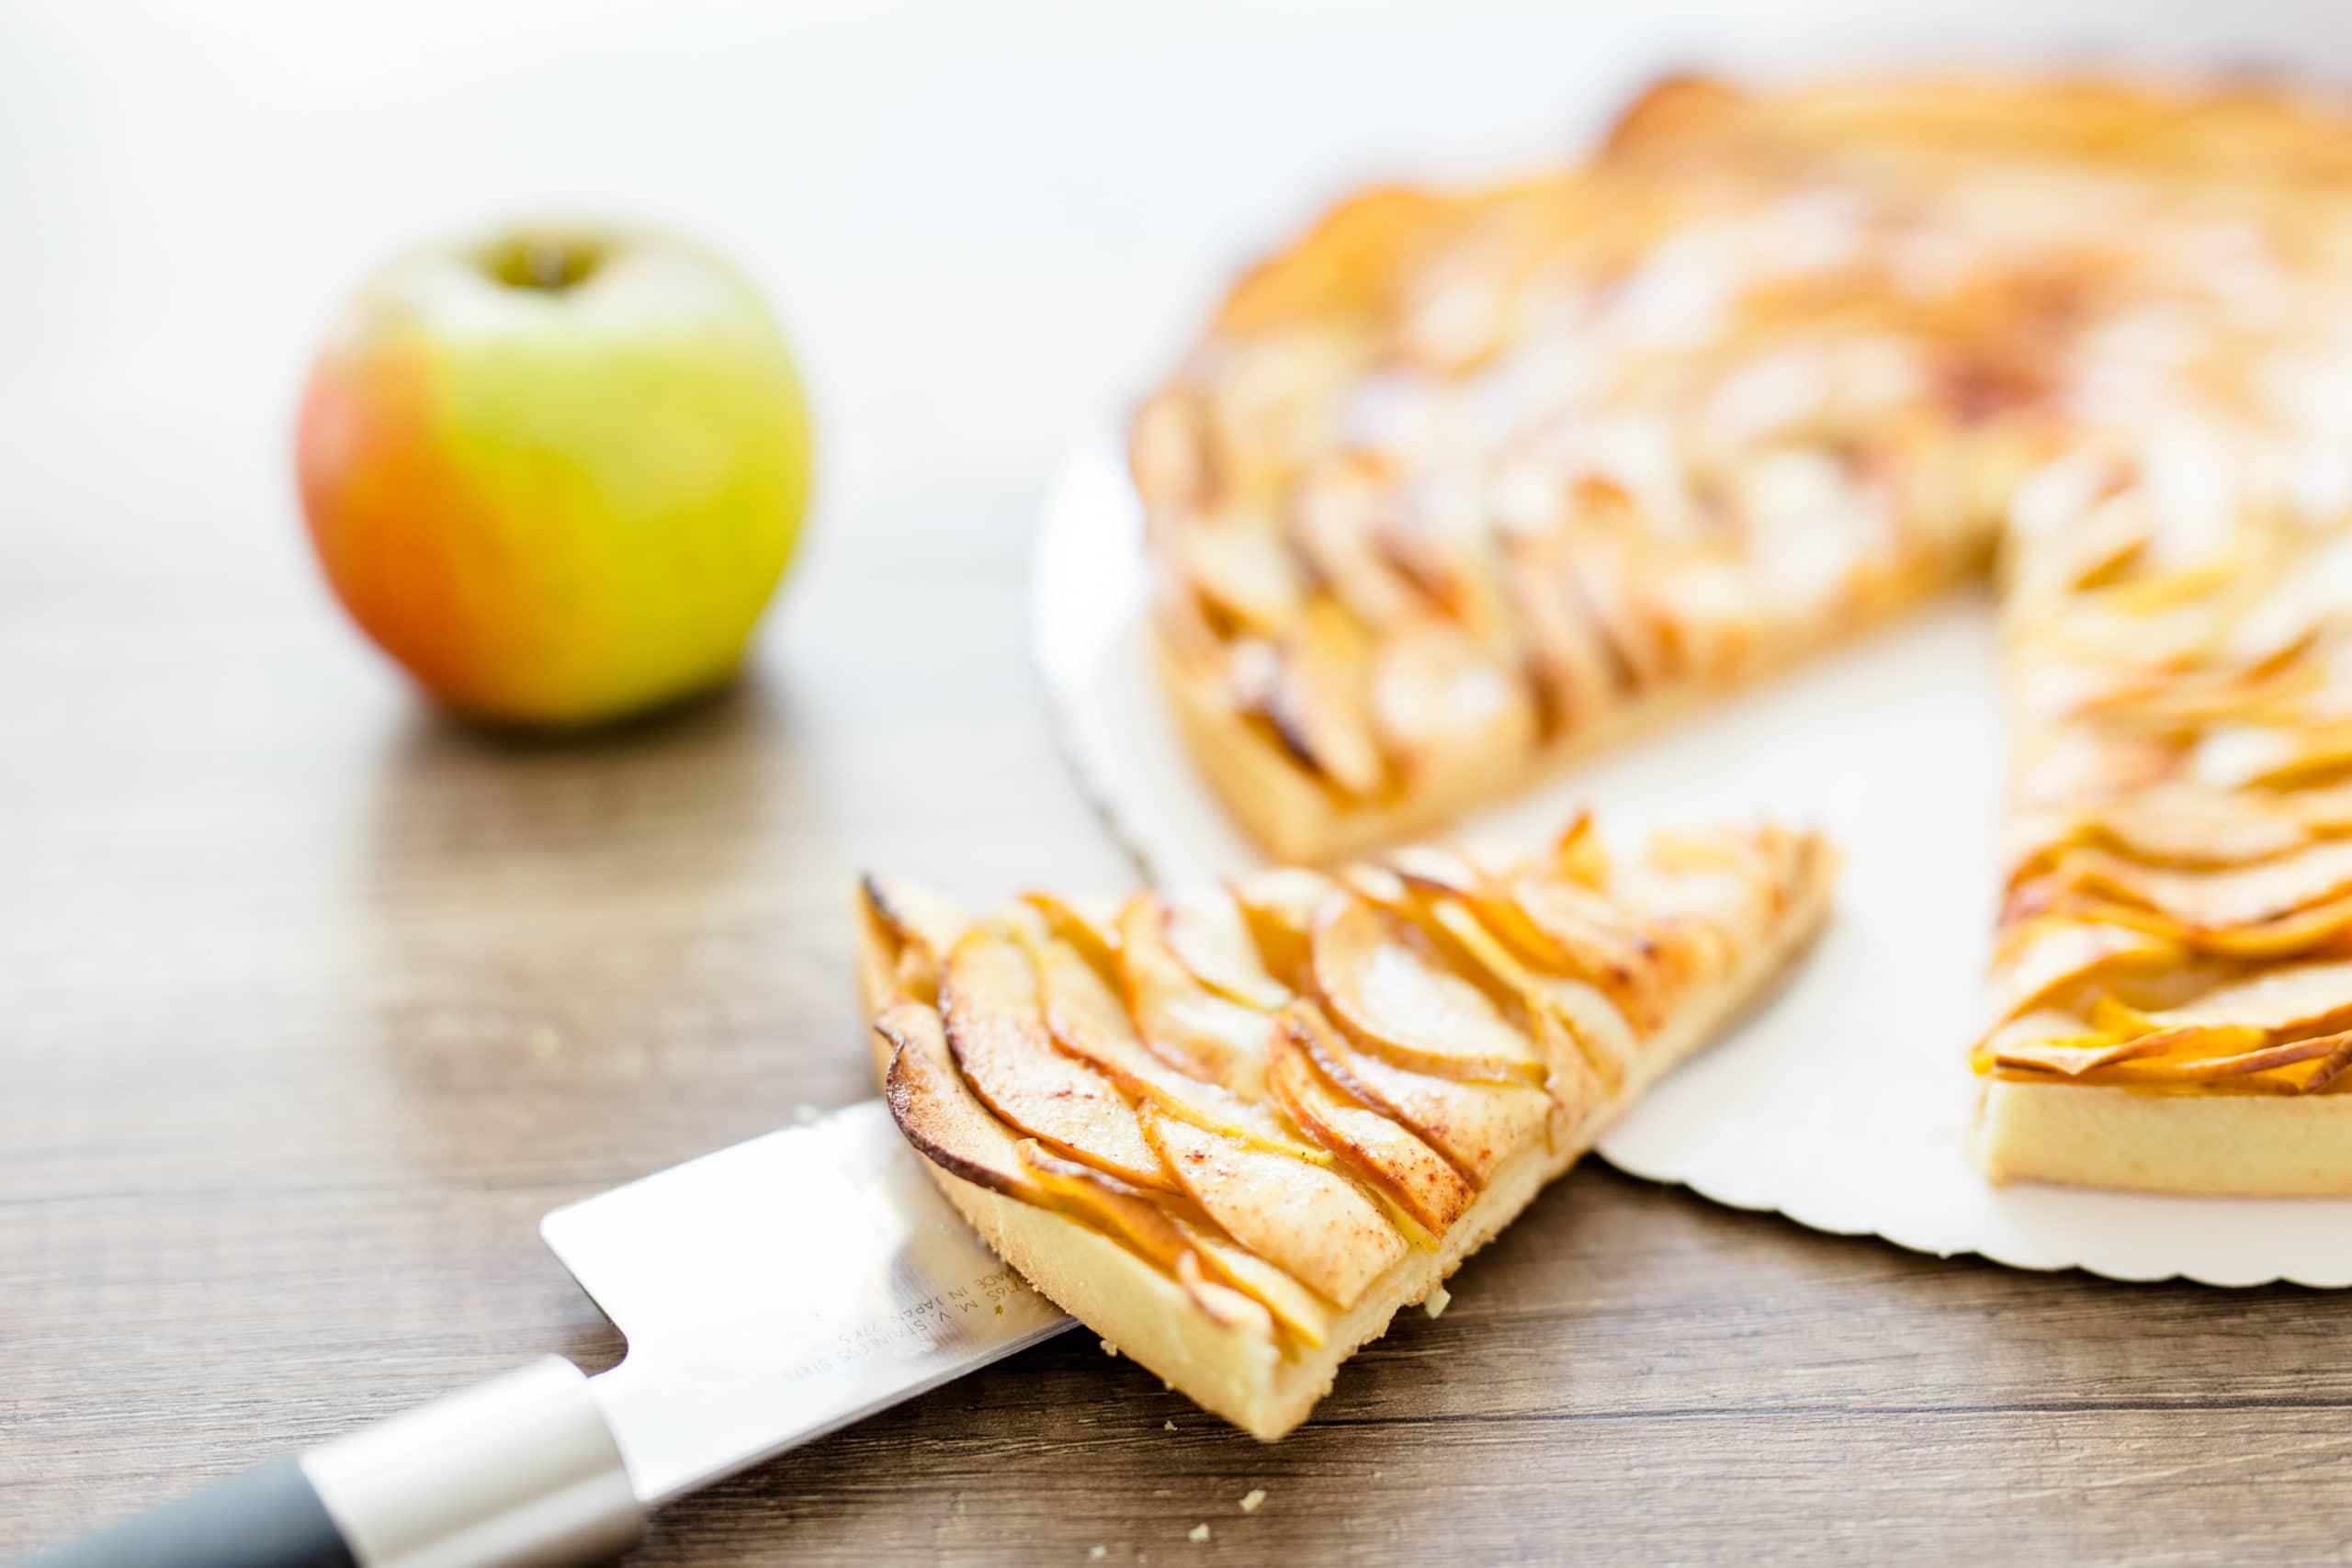 Apple Tart French Dessert